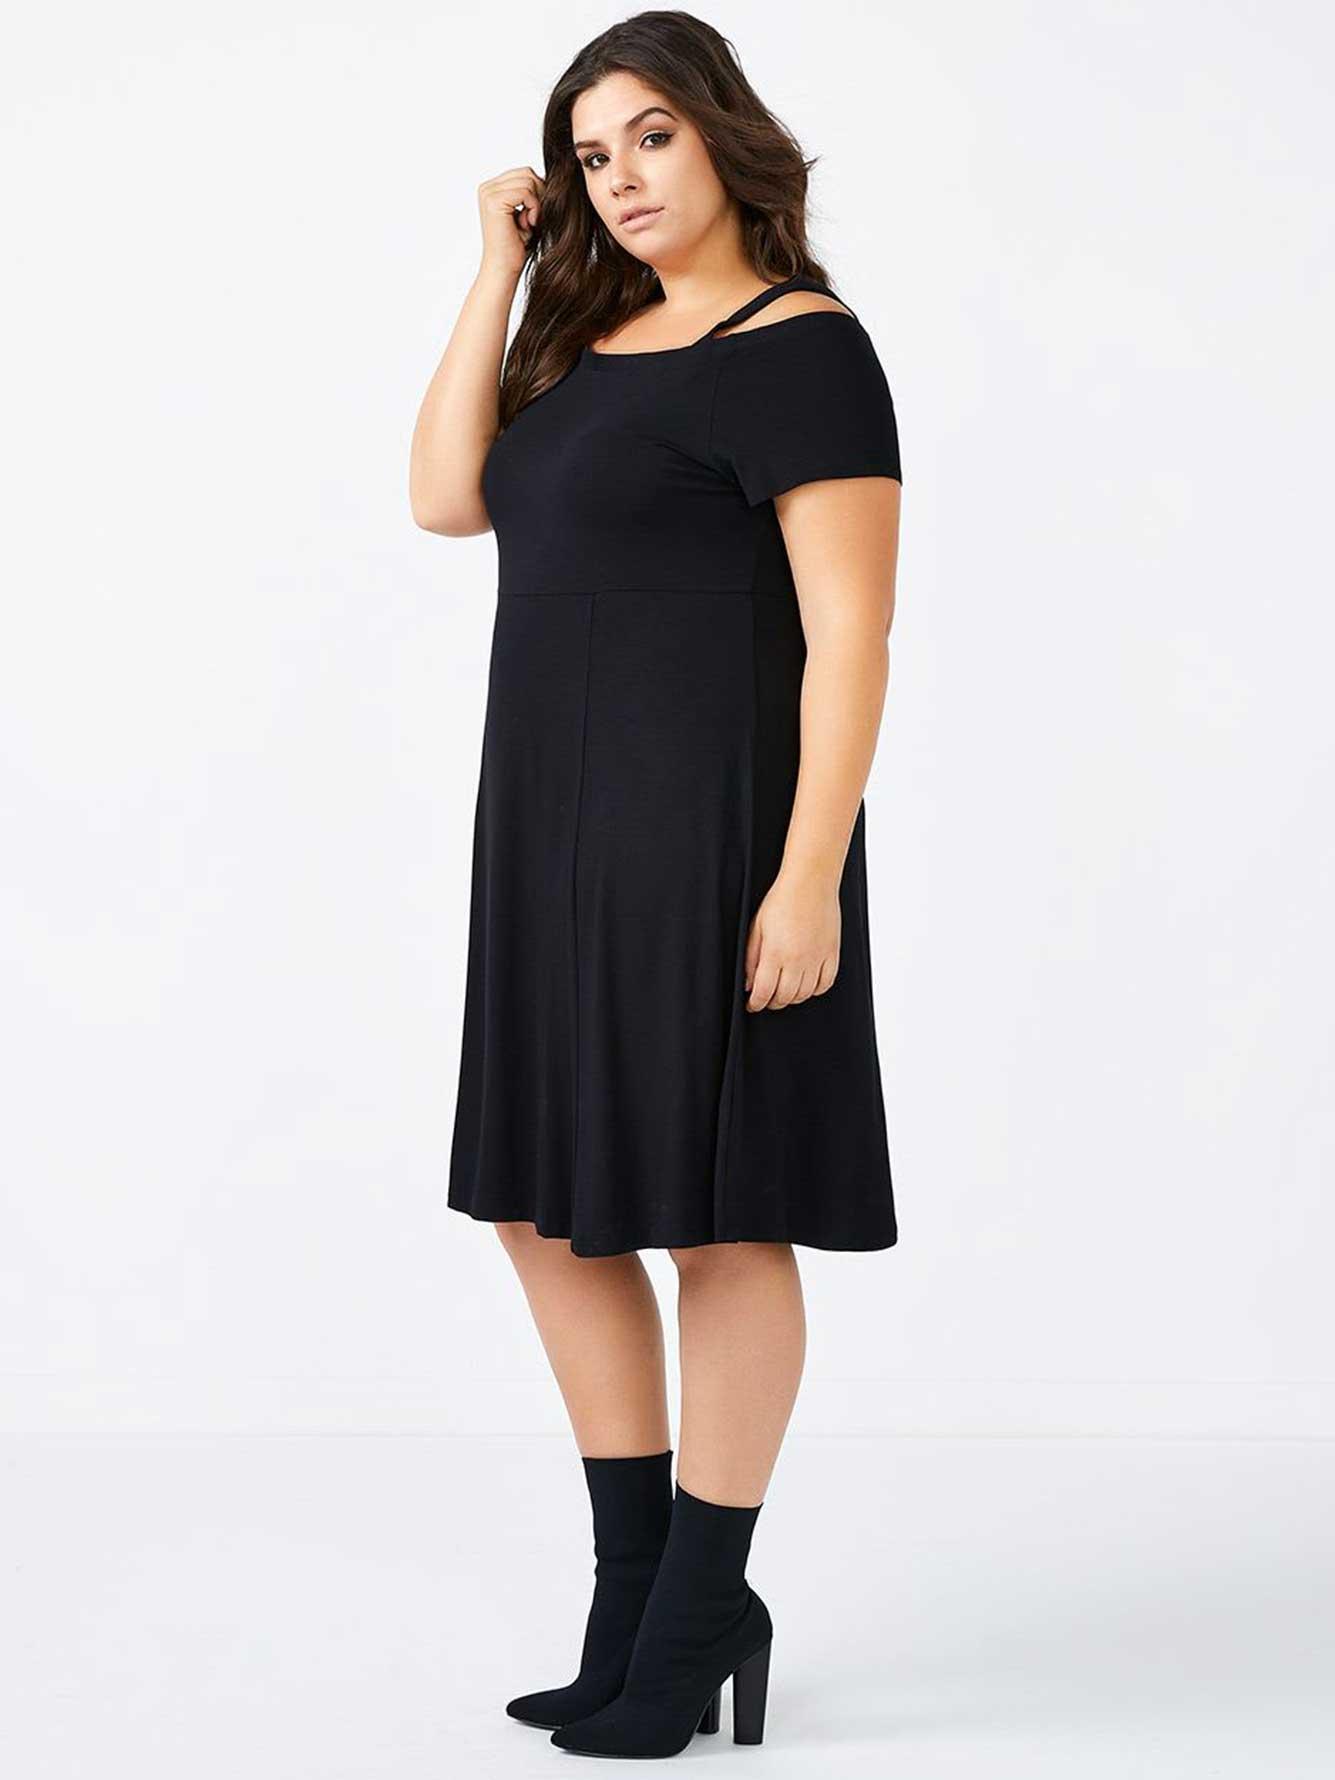 8e795f209d00 Off Shoulder Fit and Flare Black Dress